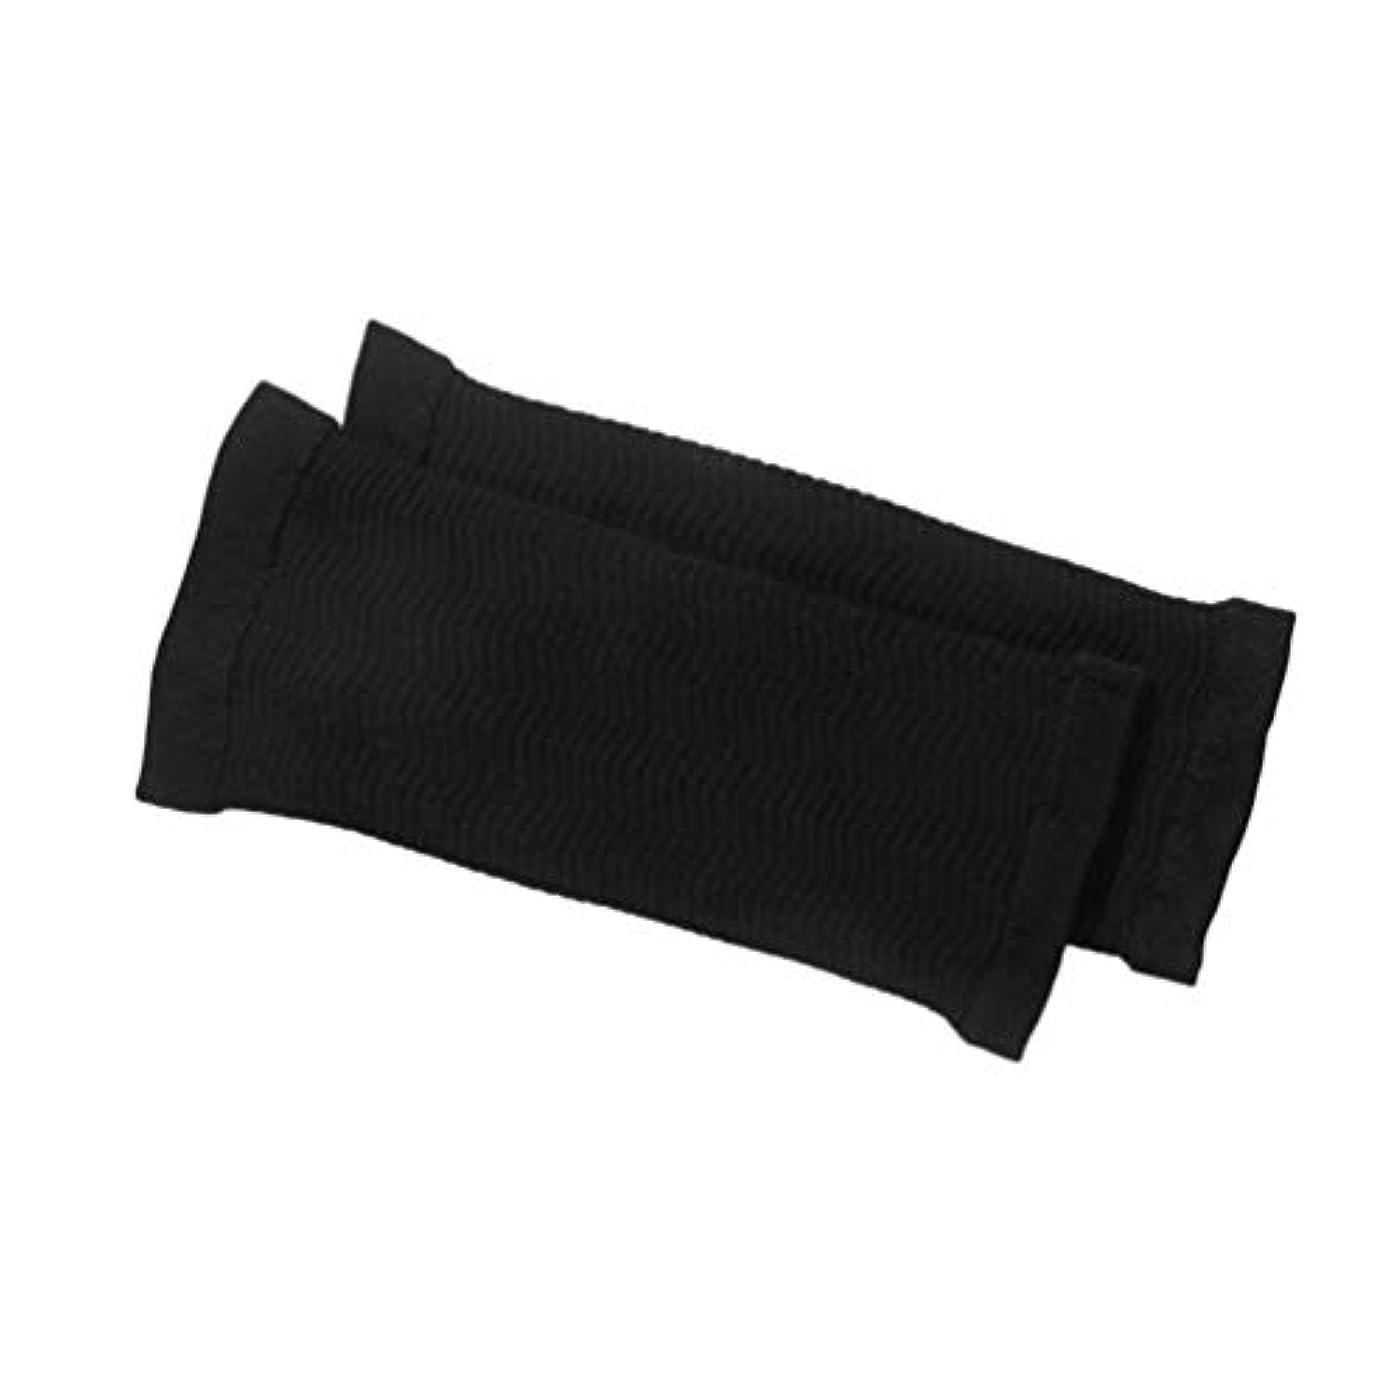 食品減らす不明瞭1ペア420 D圧縮痩身アームスリーブワークアウトトーニングバーンセルライトシェイパー脂肪燃焼袖用女性 - 黒